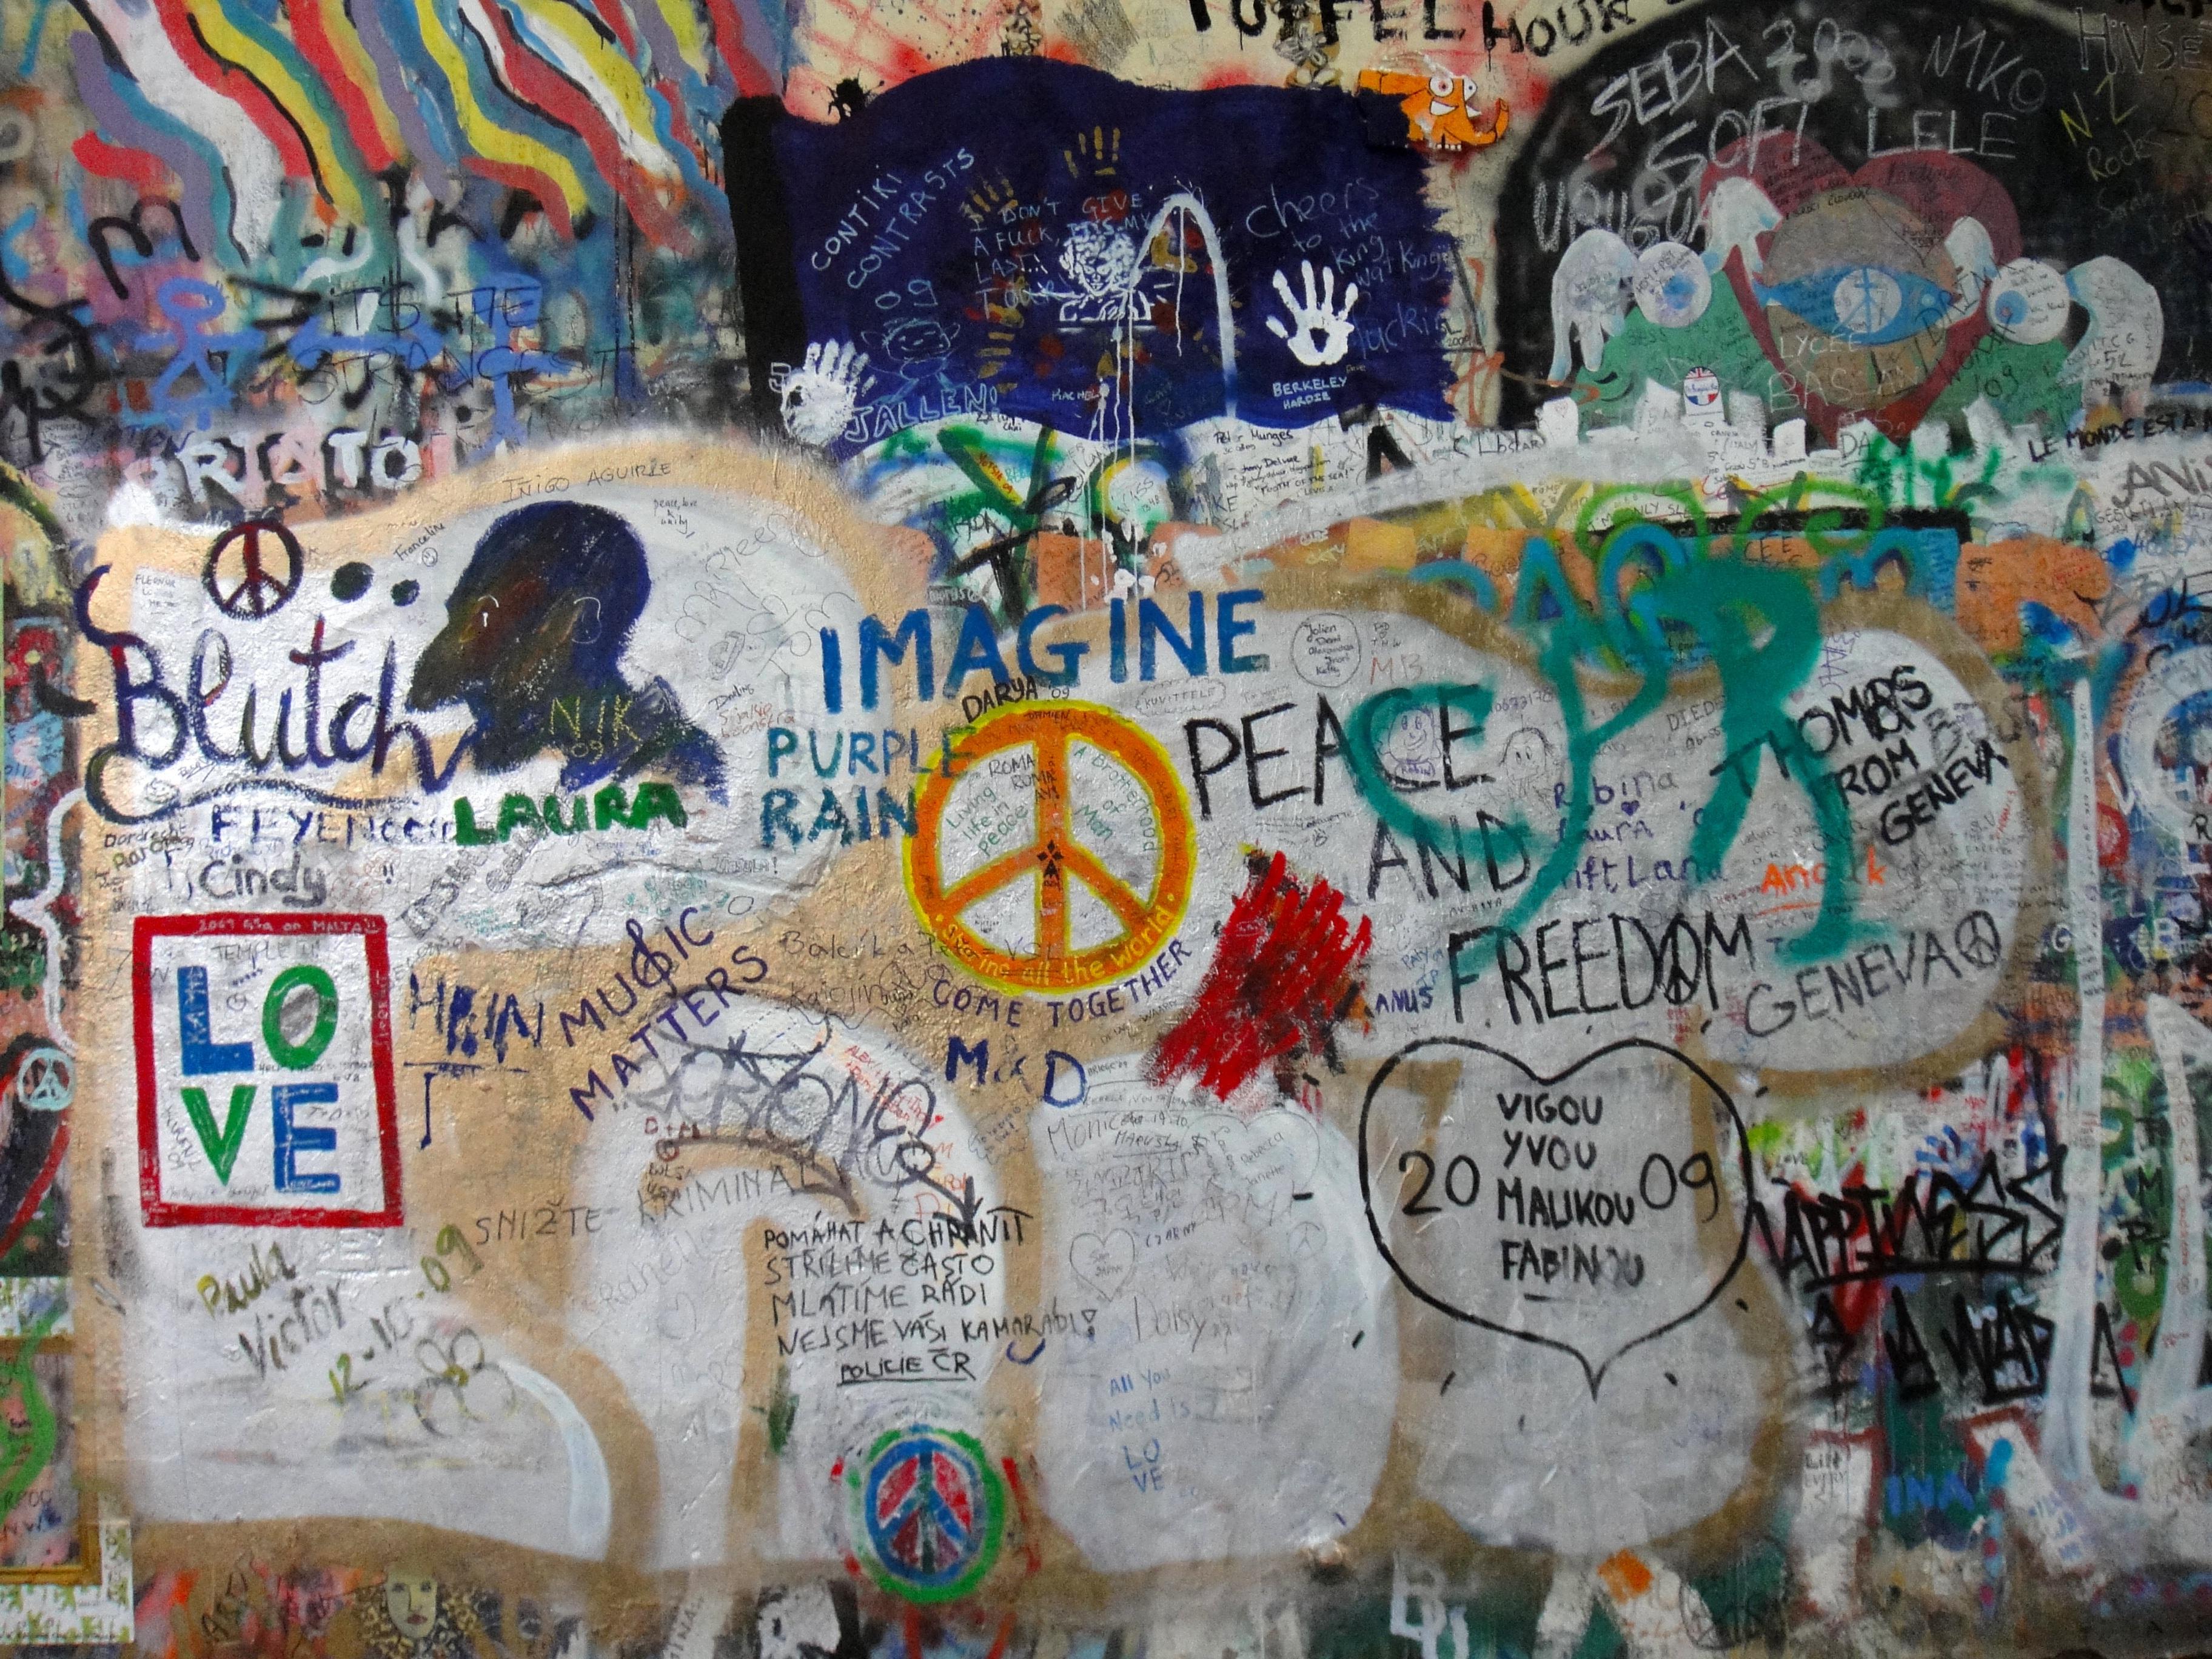 Wall Peace Prague Colorful Graffiti Street Art Art Mural Wall Art John  Lennon John Lennon Wall